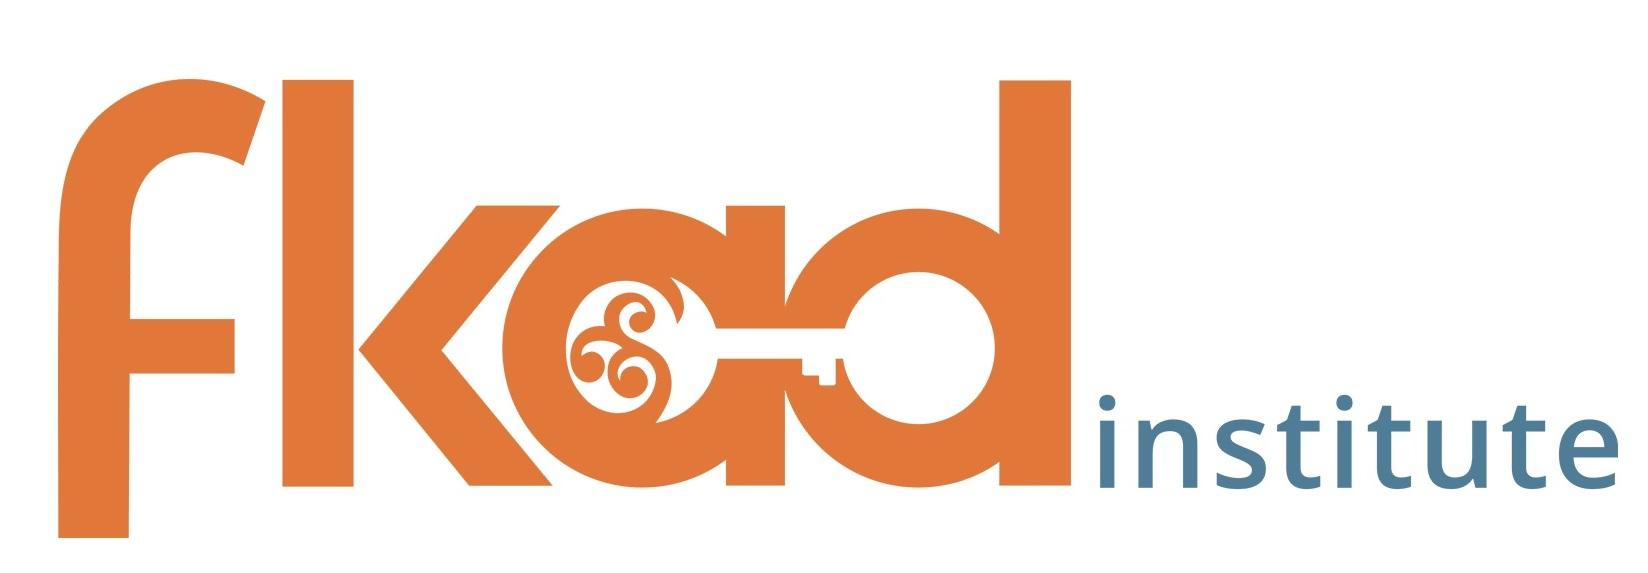 FKAD2018_HD_logo%2B%25281%2529.jpg